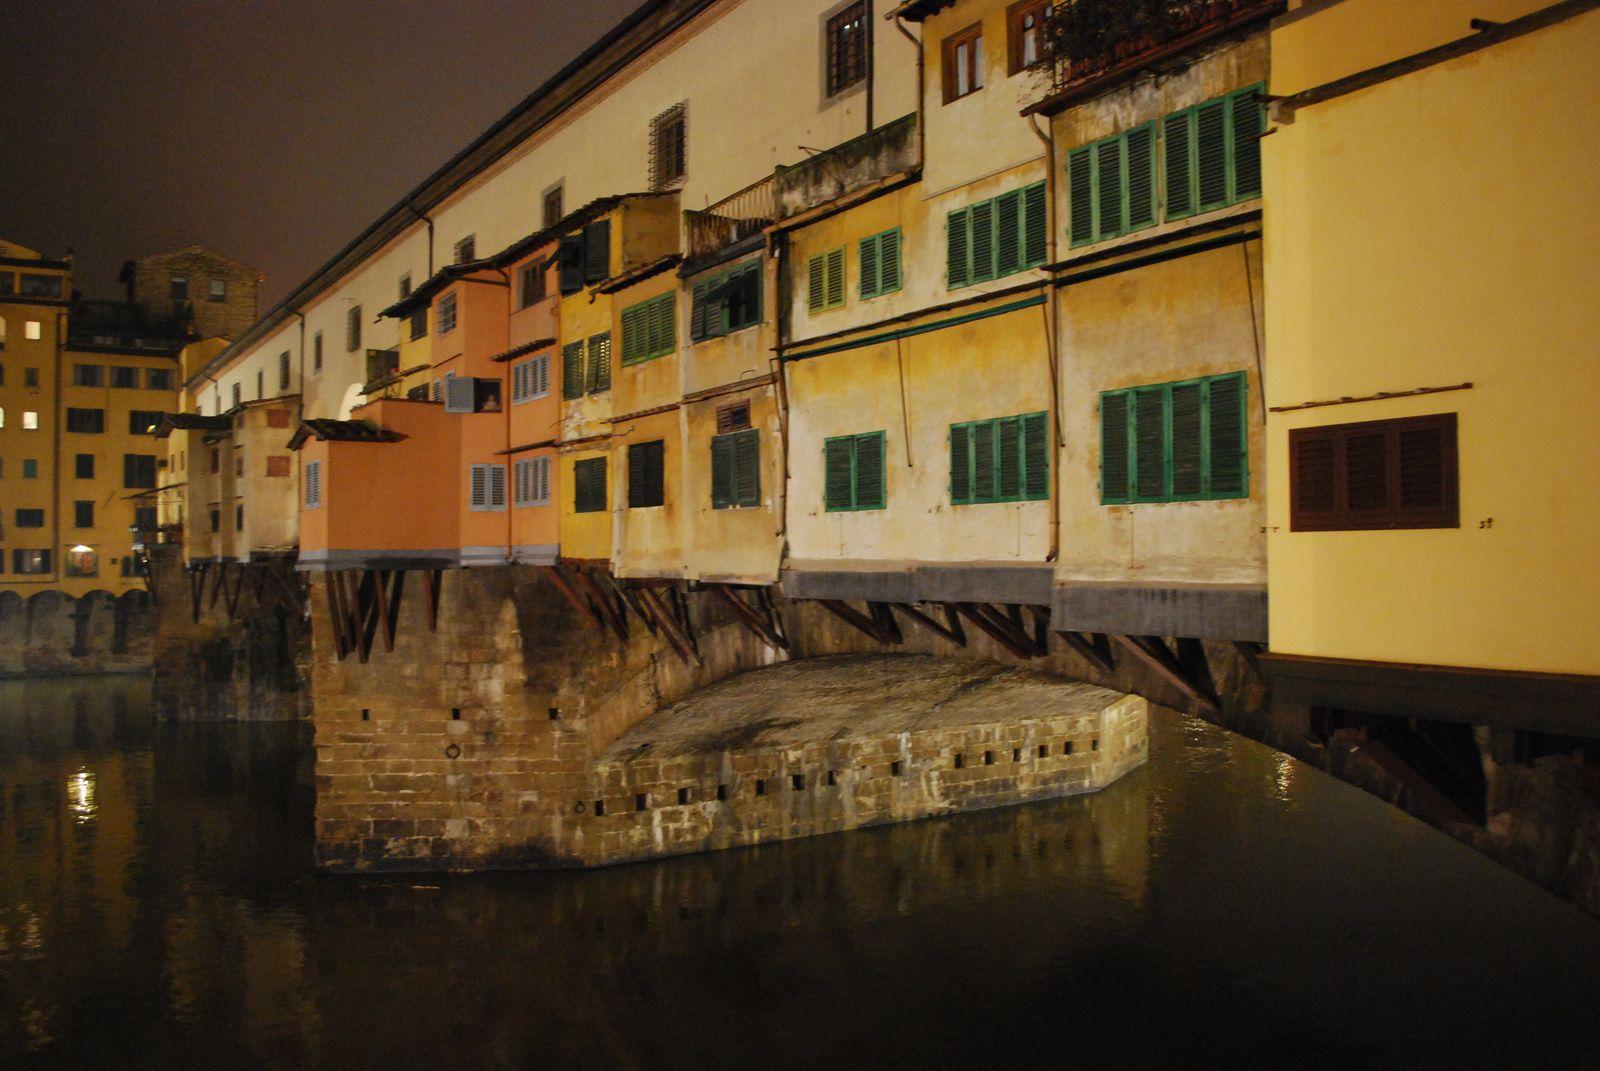 Florence / Il est 08h00, nous sommes le 19 Novembre 2020